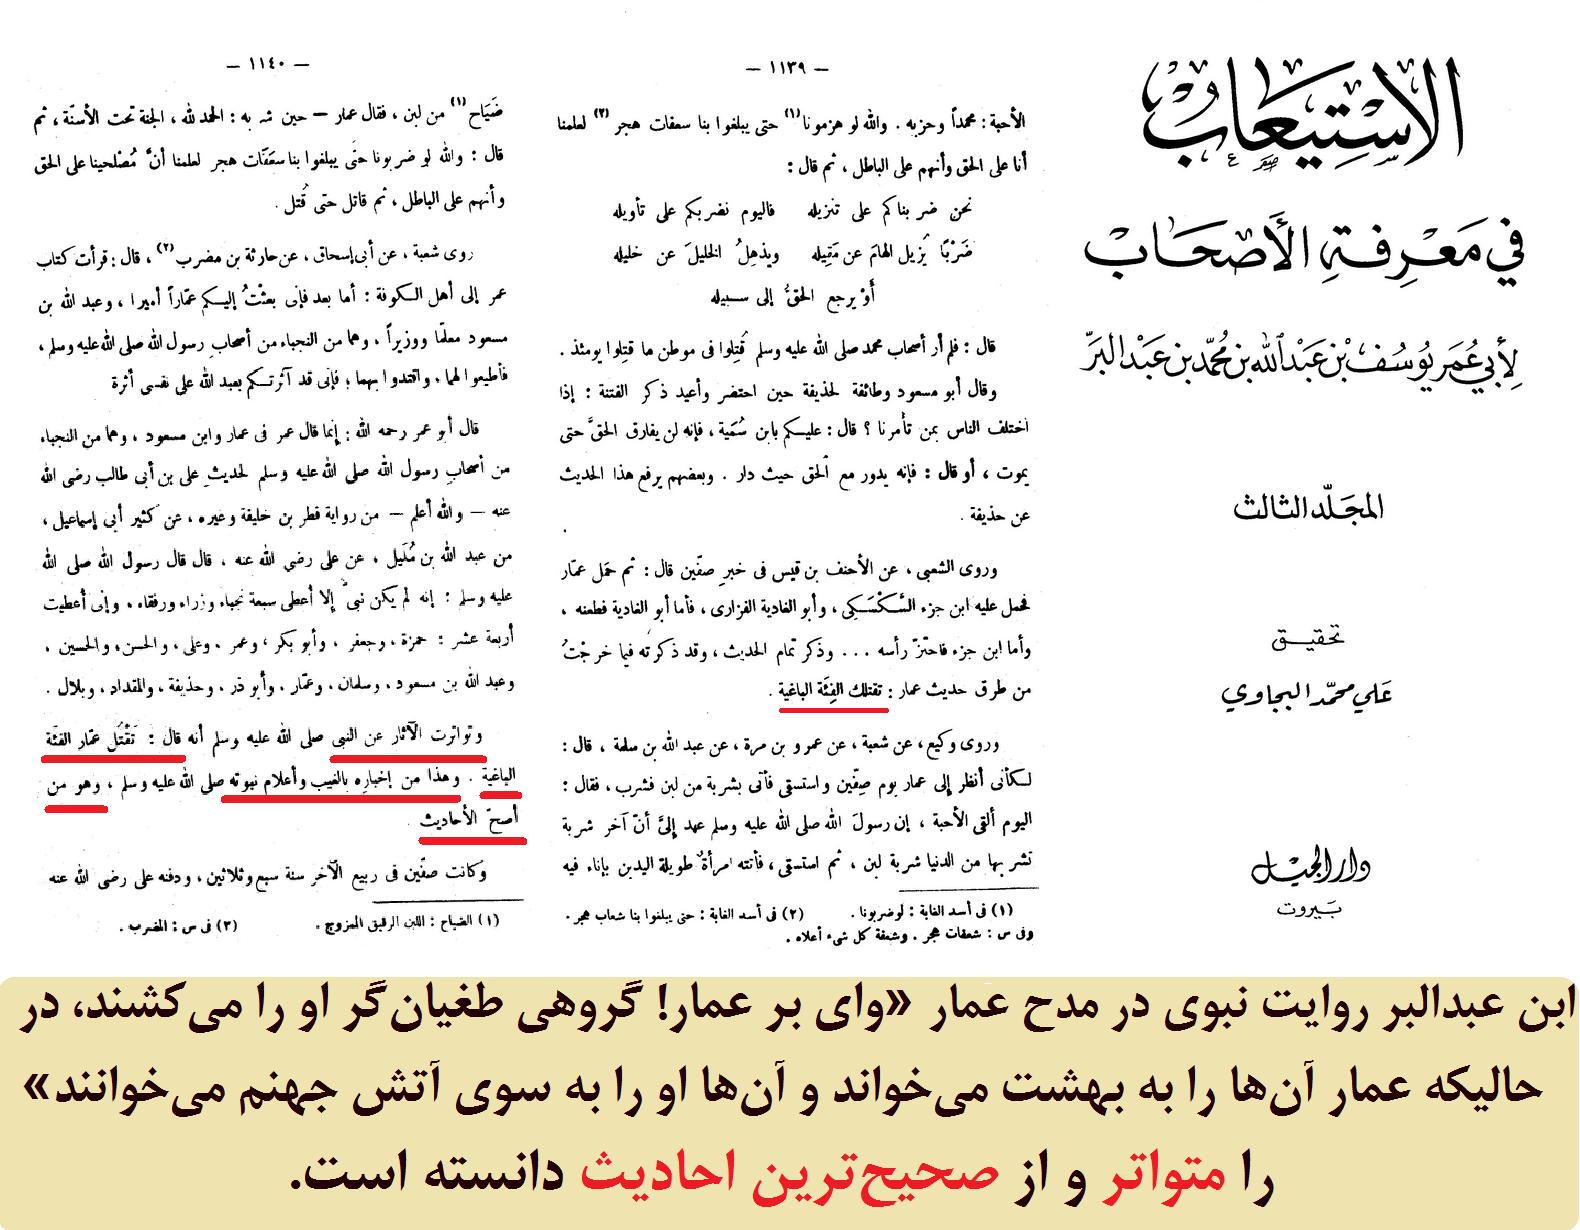 حدیث فضیلت عمار از اخبار غیبی، و نشانههای نبوت پیامبر، و از صحیحترین احادیث